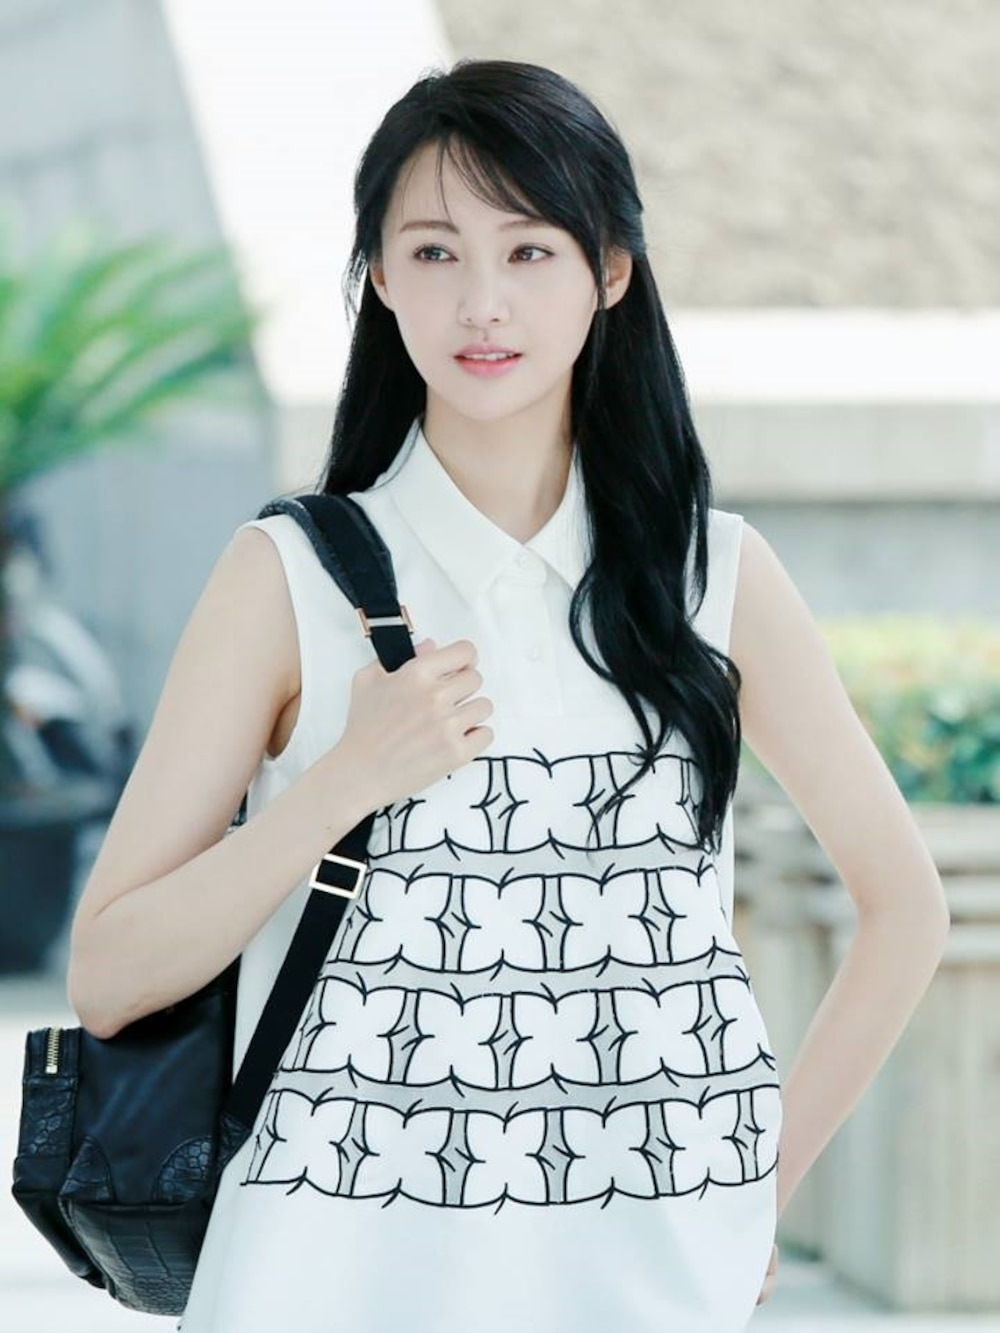 Dựa vào bộ phim Yêu em từ cái nhìn đầu tiên, Trịnh Sảng được bình chọn trong danh sách tứ tiểu hoa đán thế hệ 9X.